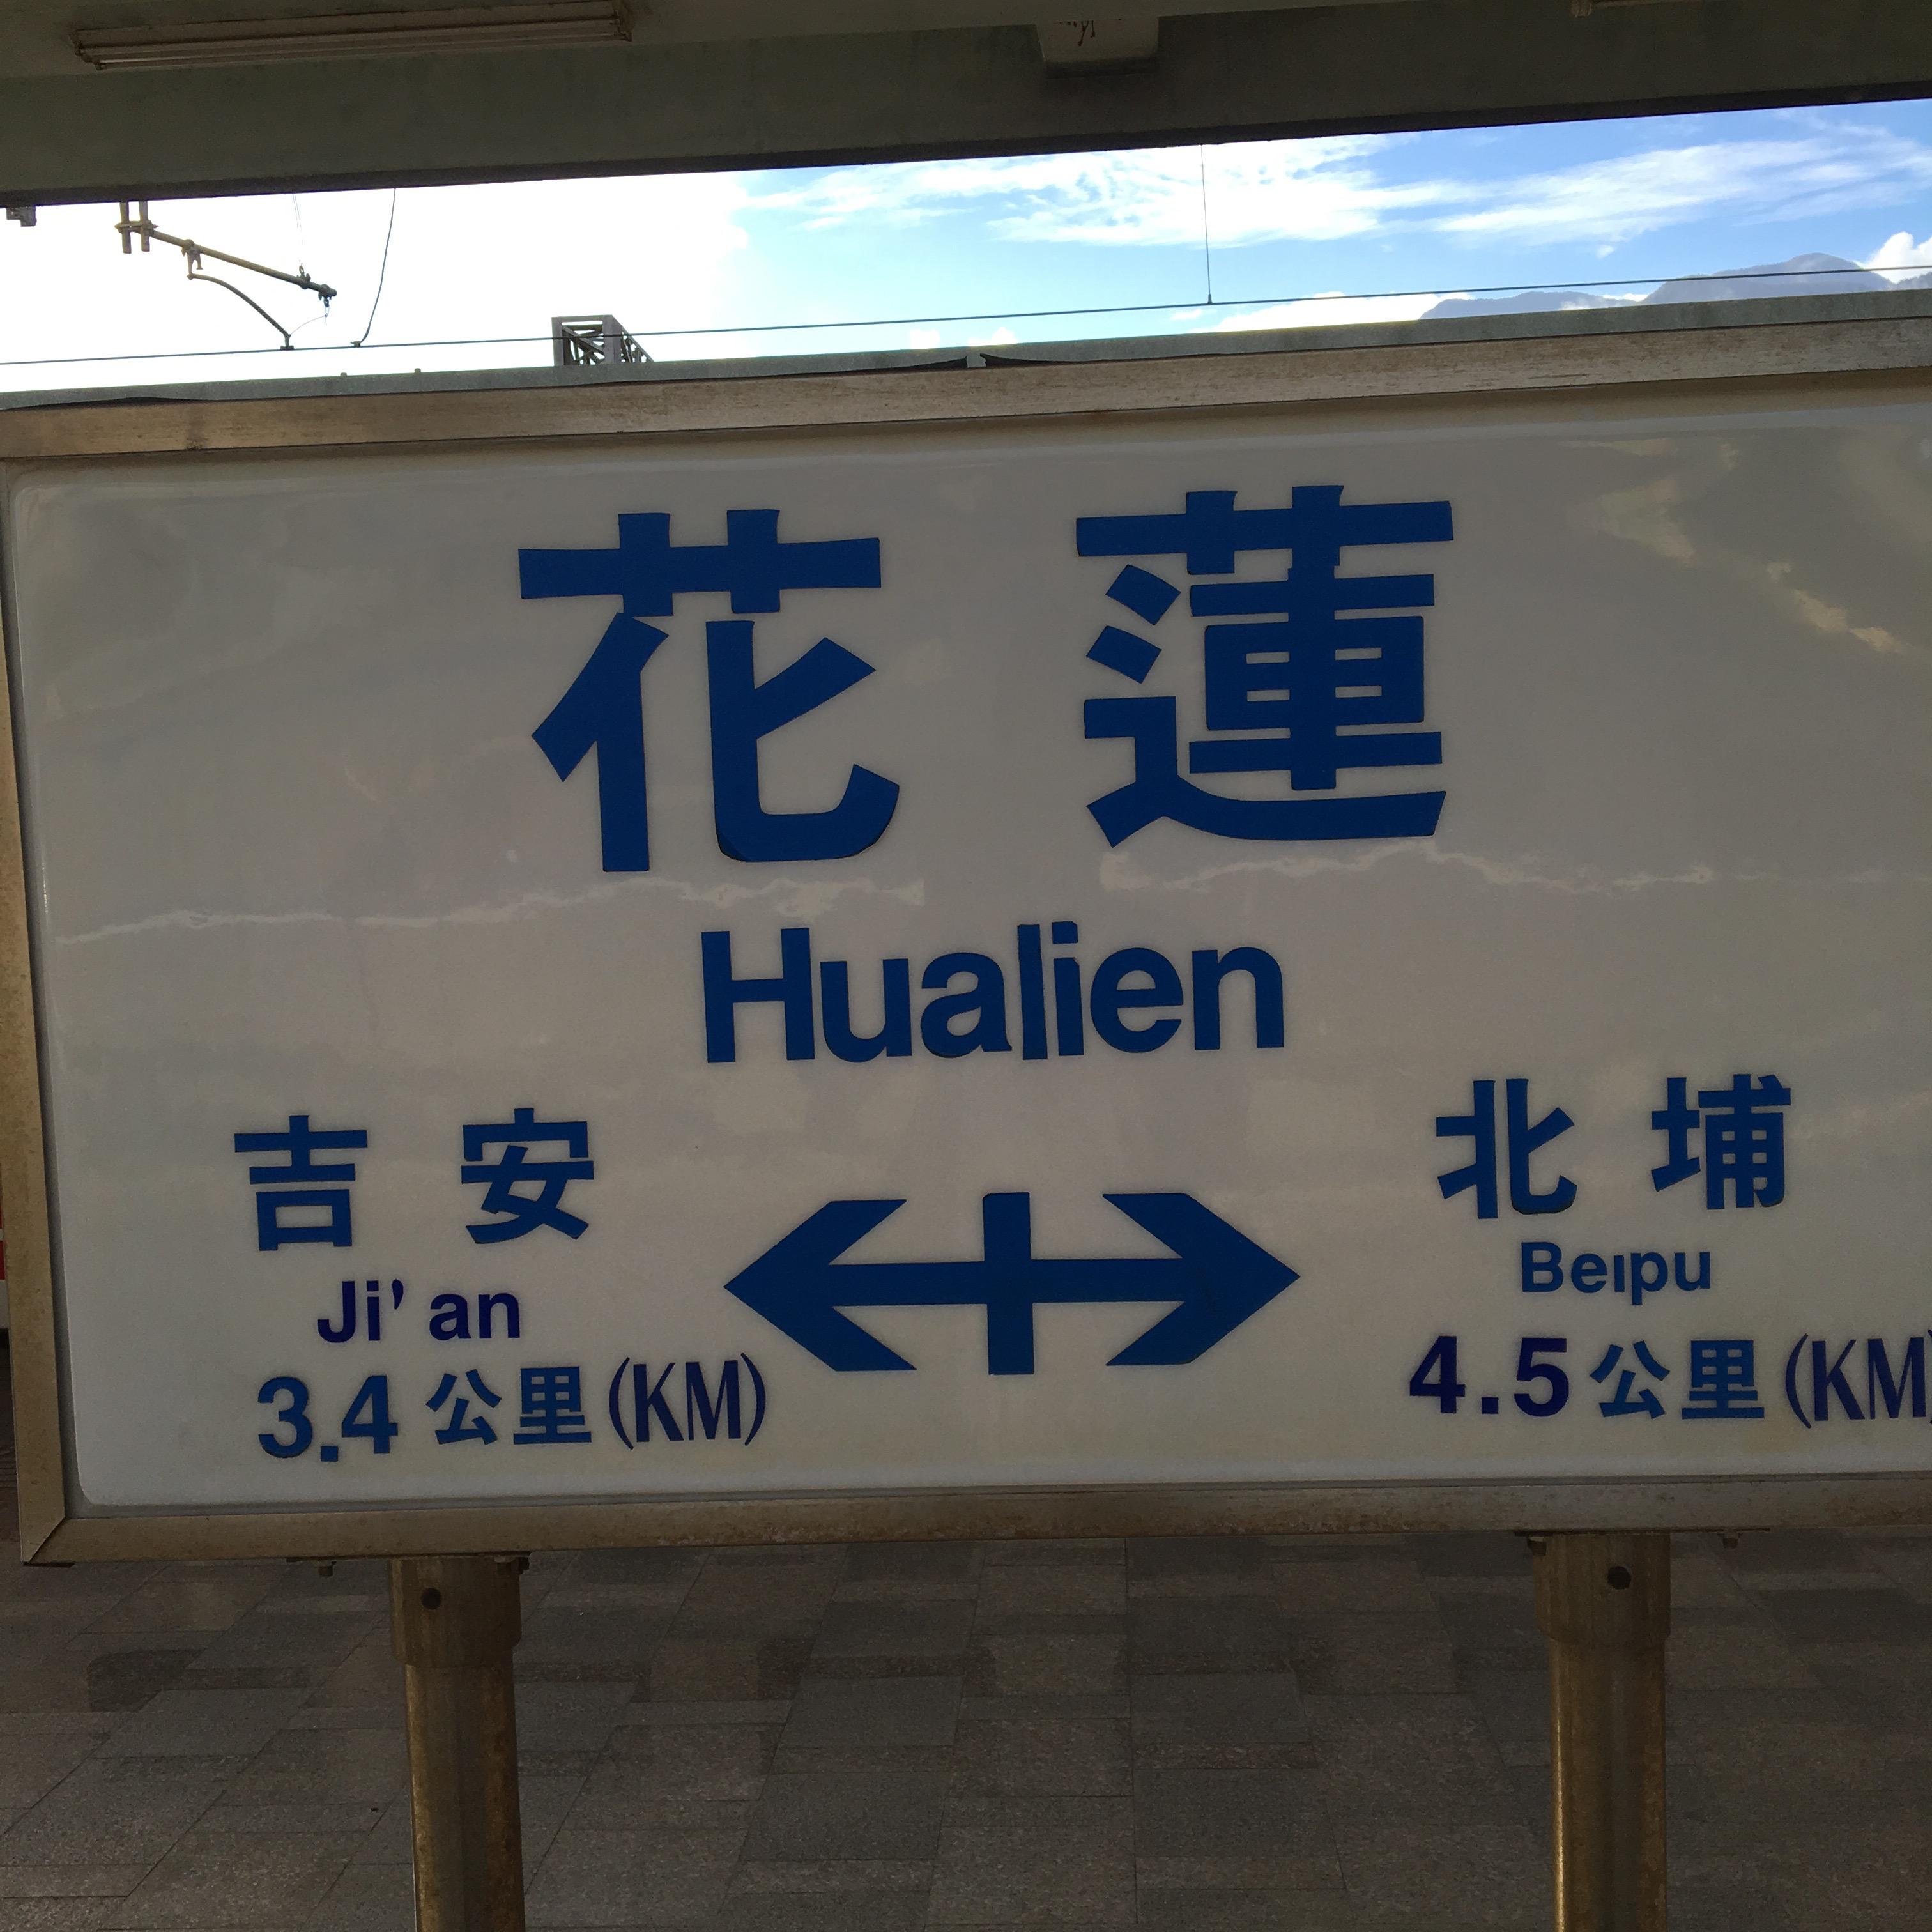 [安宿・ゲストハウスレビュー]台灣・花蓮で泊まった「ダニウホステル」 daniu hostel 1泊450元 1ヶ月6,000元 日本語が話せる女性共同経営者もいますよ